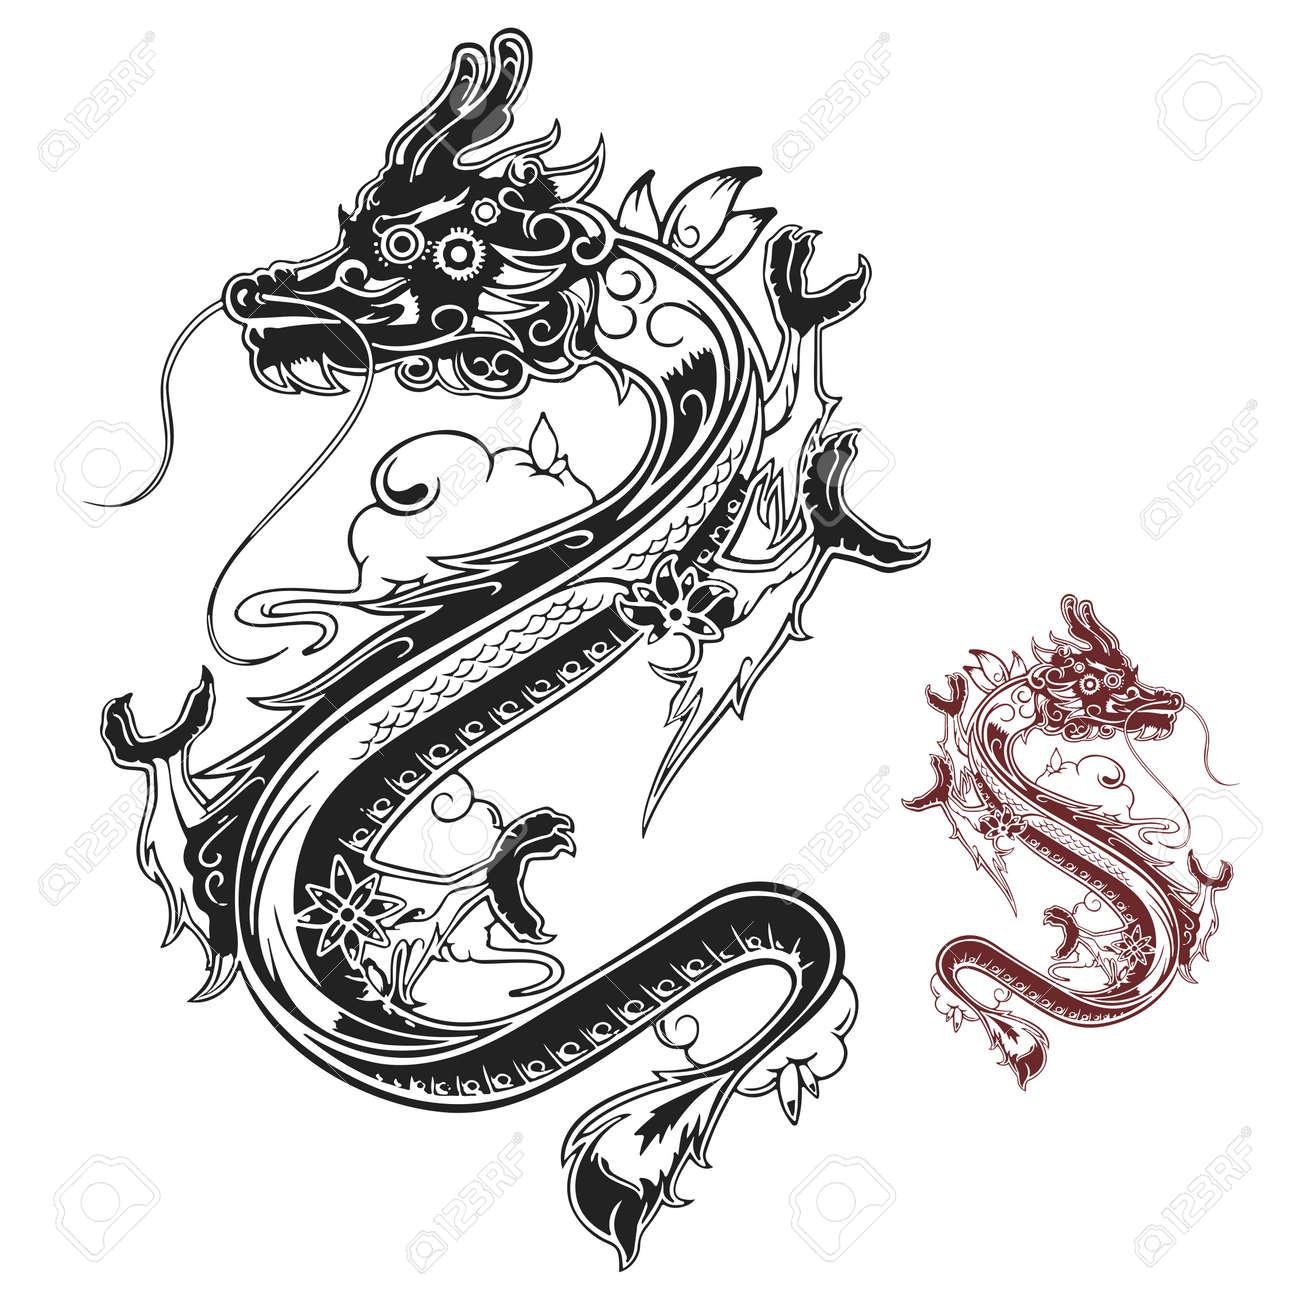 Ausgezeichnet Drachen Marionettenschablone Bilder - Beispiel ...